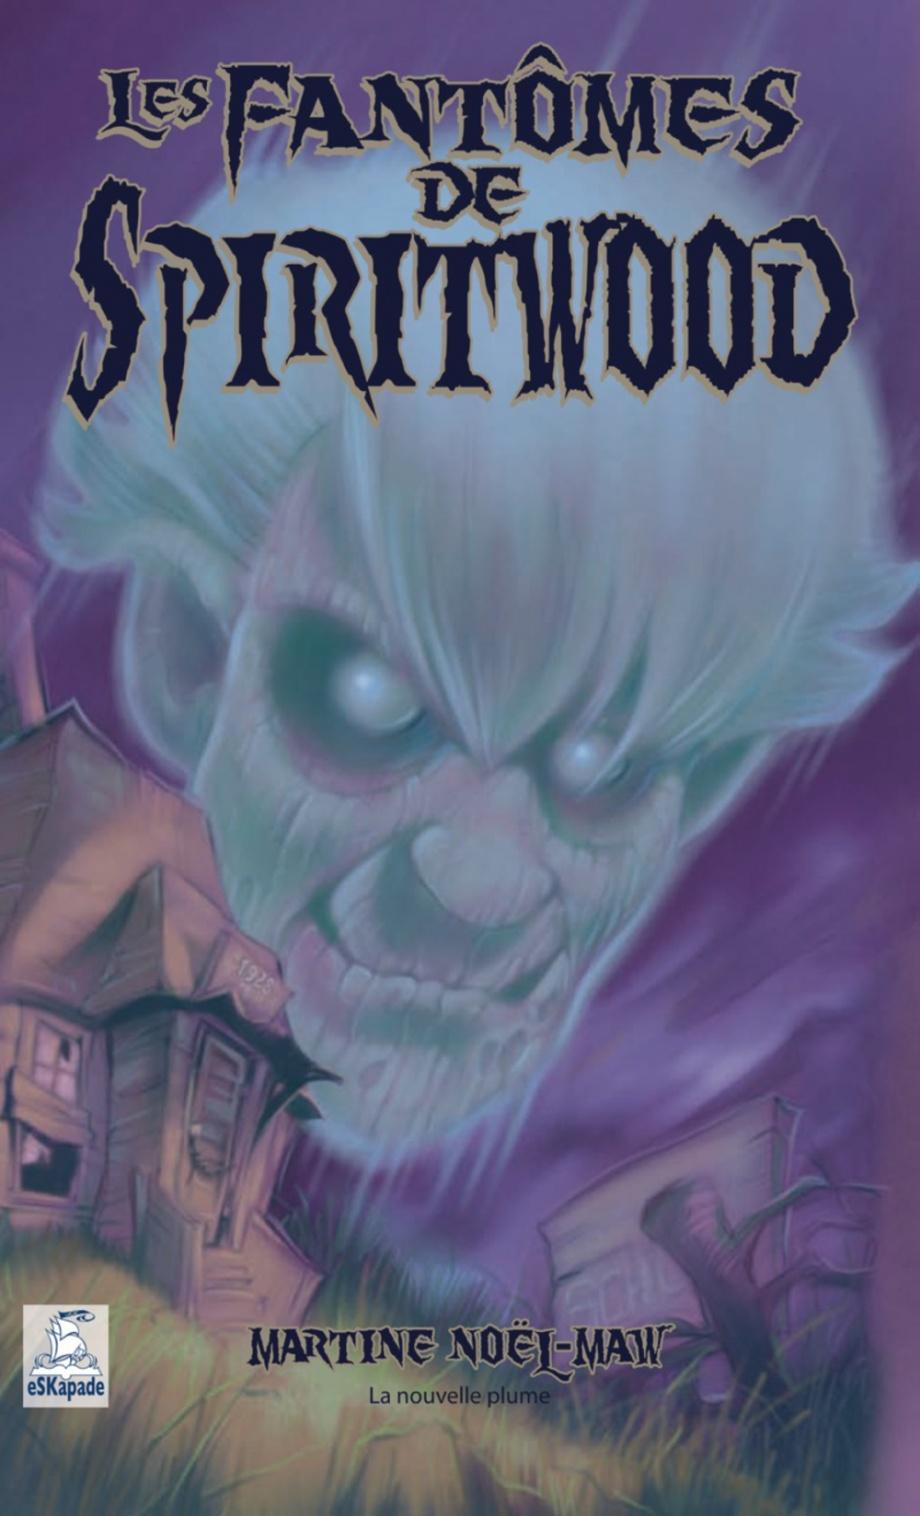 Les fantômes de Spiritwood